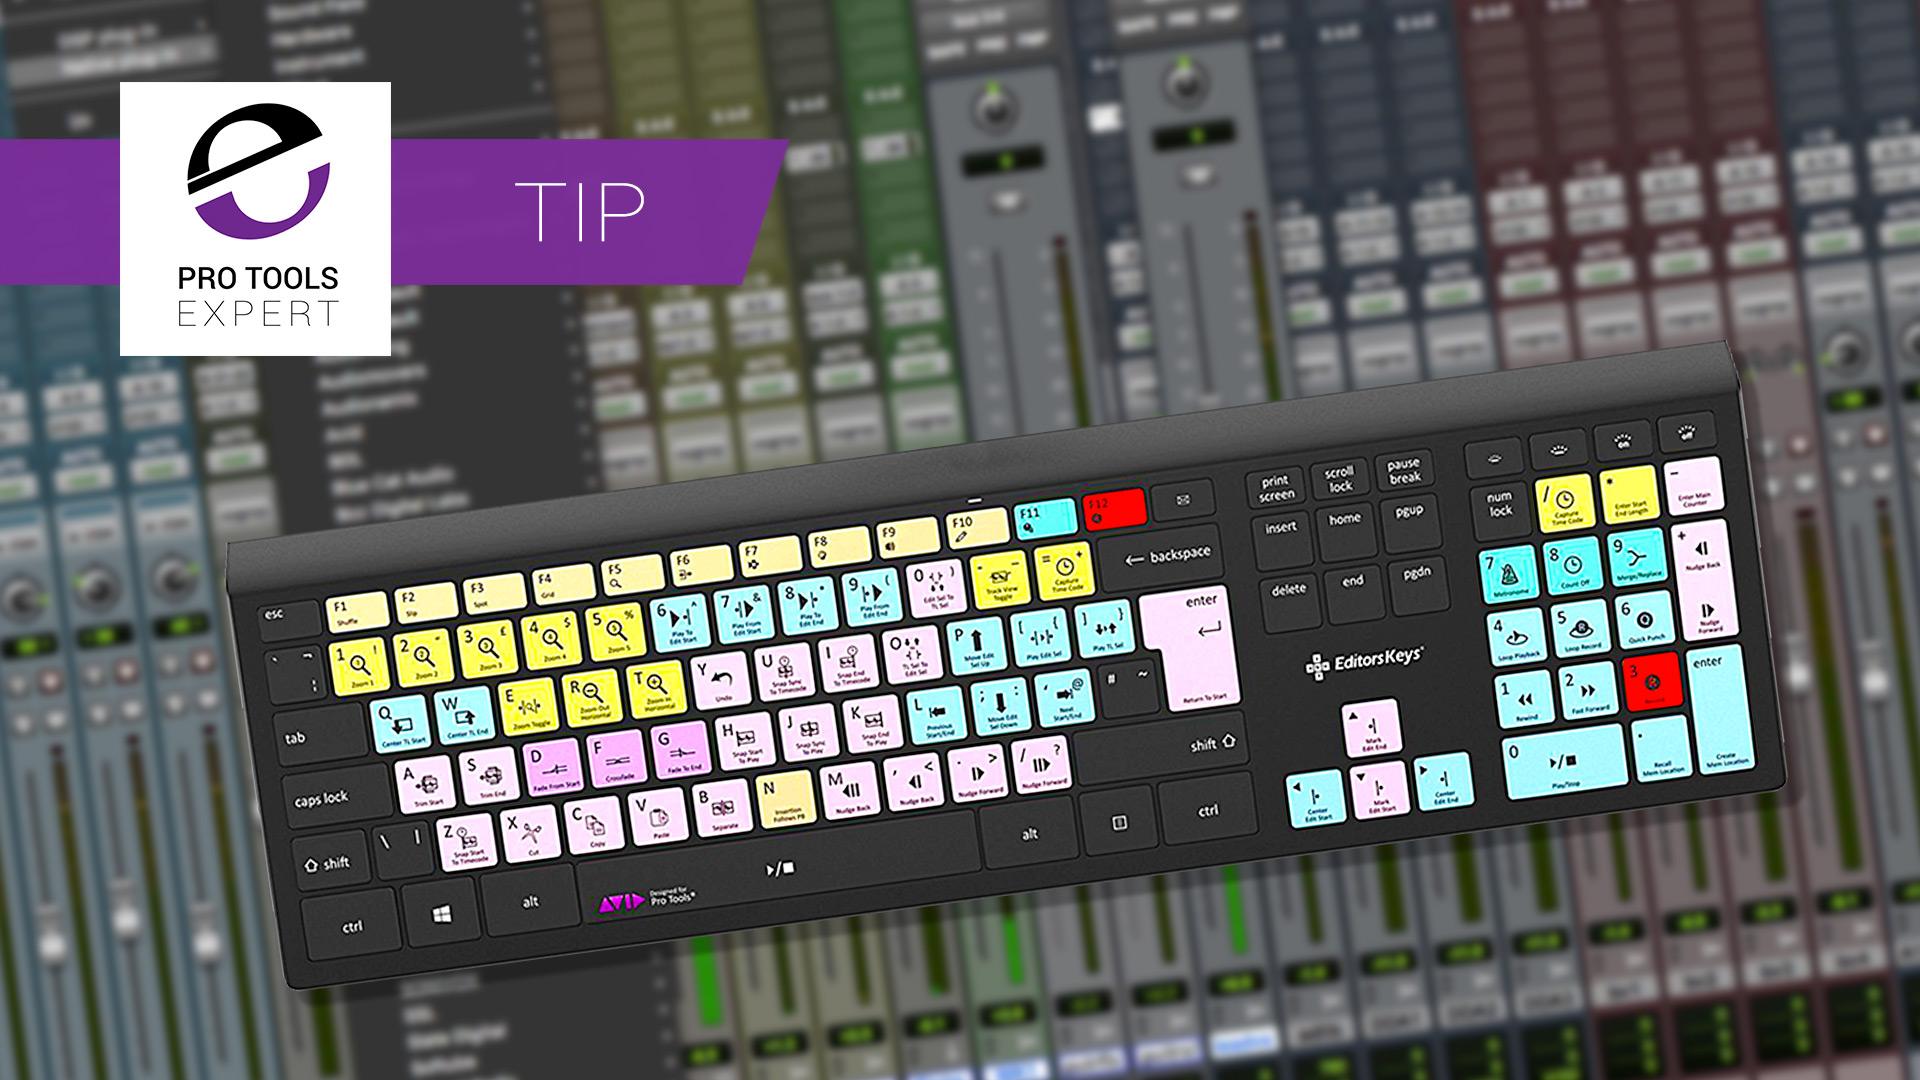 Pro-Tools-Mixer-Window-keyboard-shortcuts-mix-plug-ins-inserts-sends.jpg